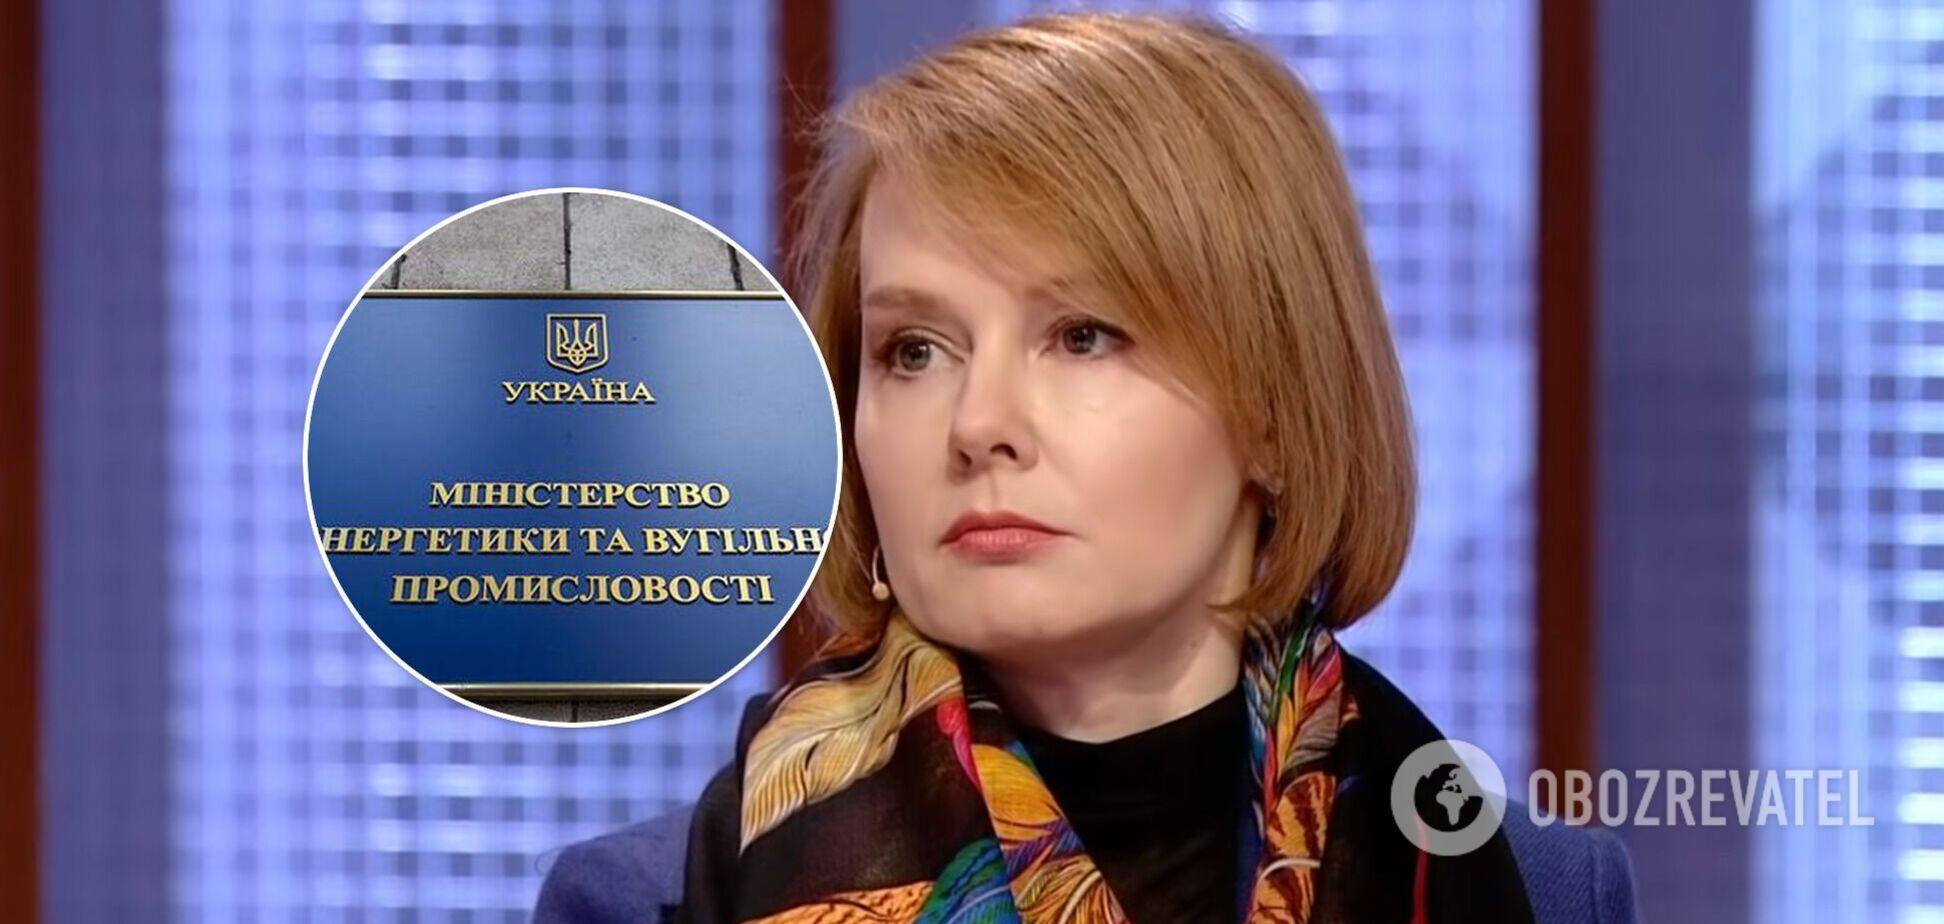 Зеркаль після звільнення з 'Нафтогазу' отримала нову посаду